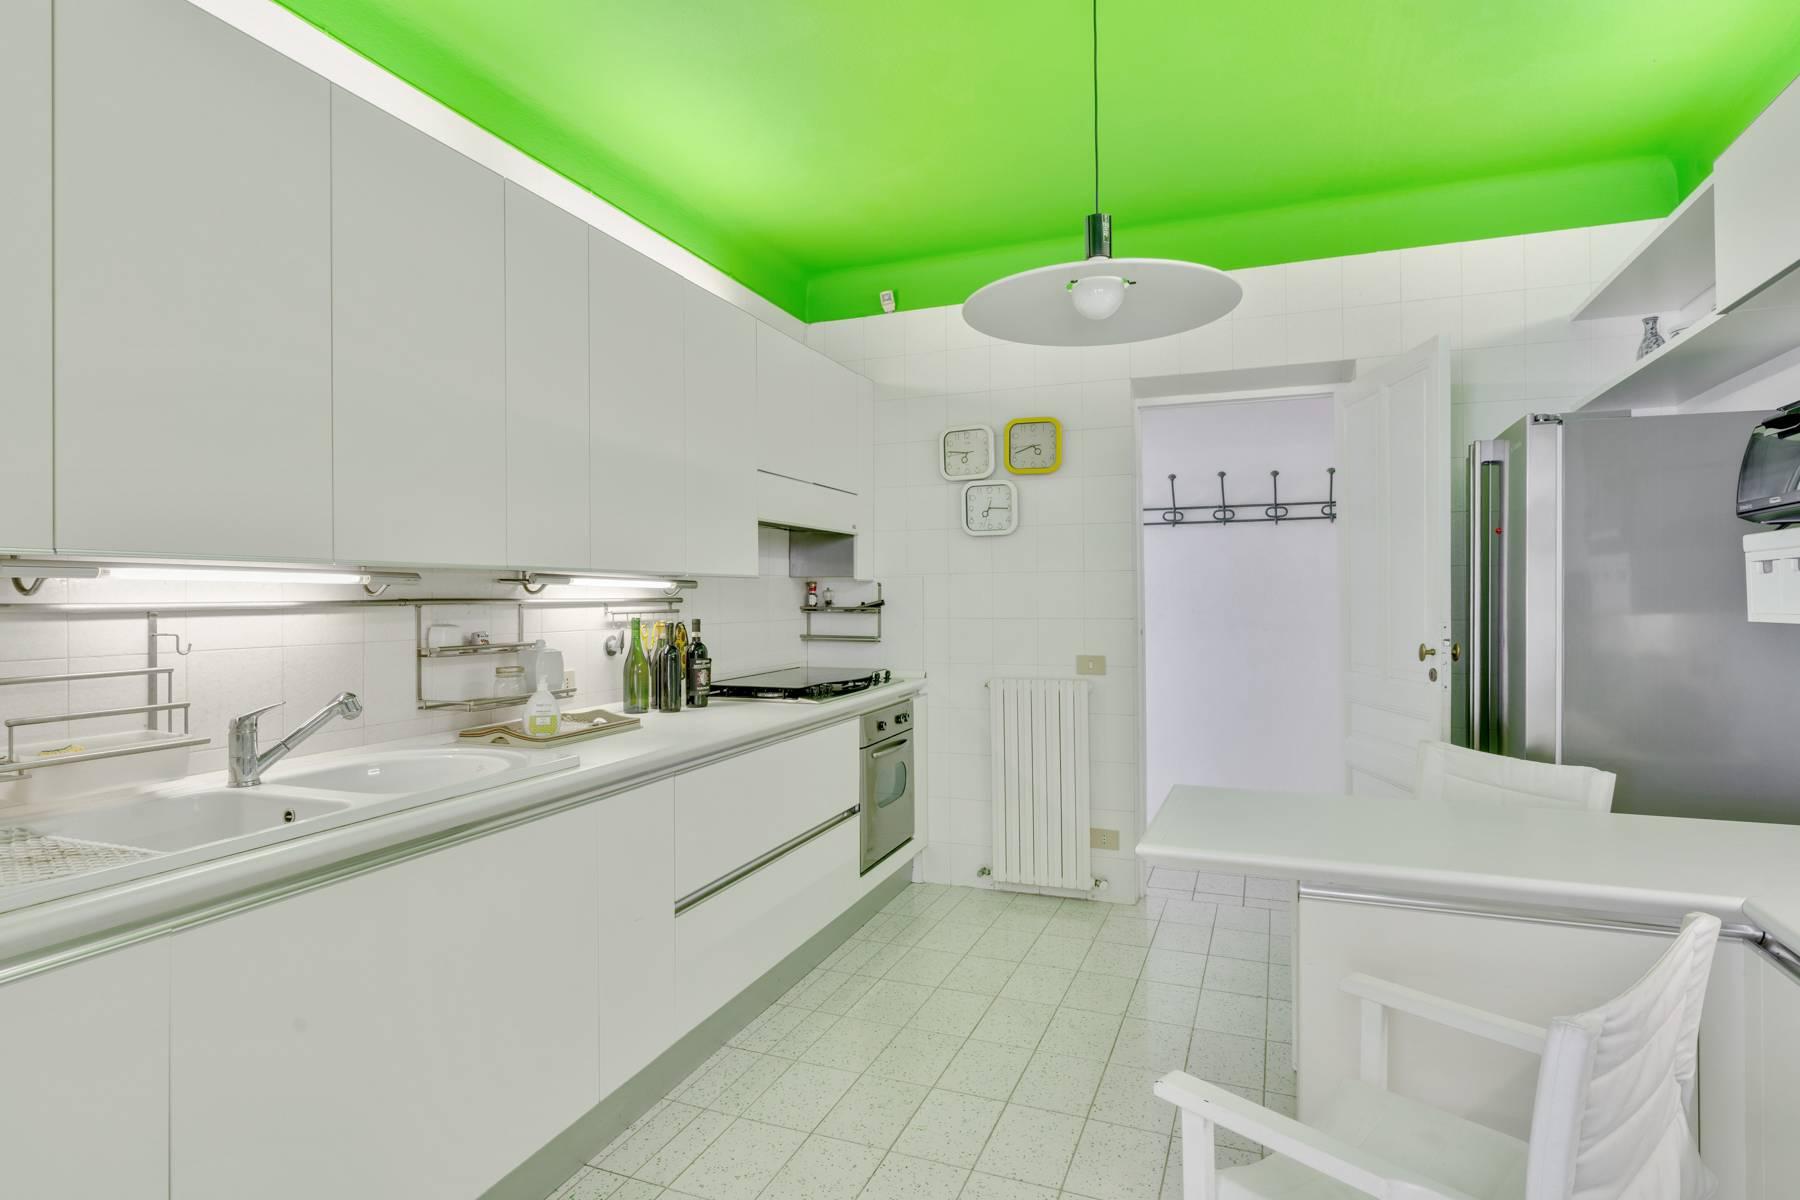 Casa indipendente in Vendita a Alassio: 5 locali, 230 mq - Foto 10